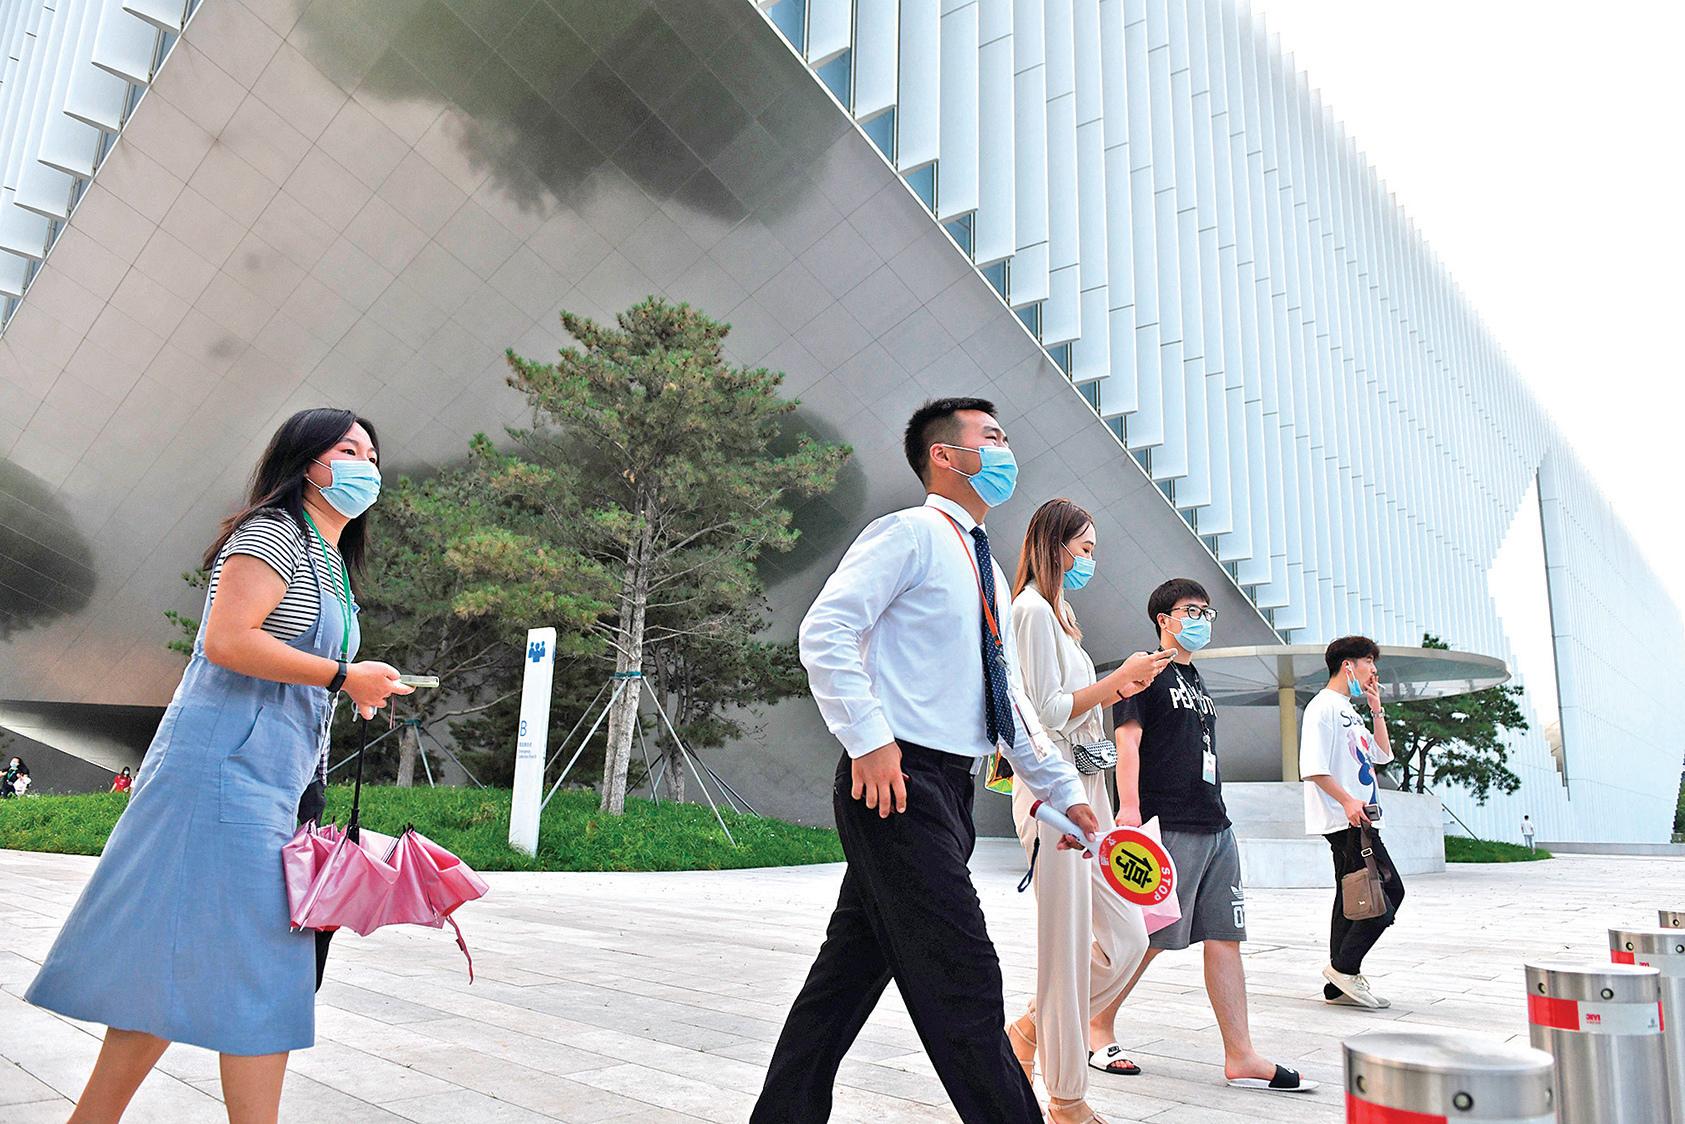 p互聯網巨頭騰訊公司深圳總部大樓。(AFP)